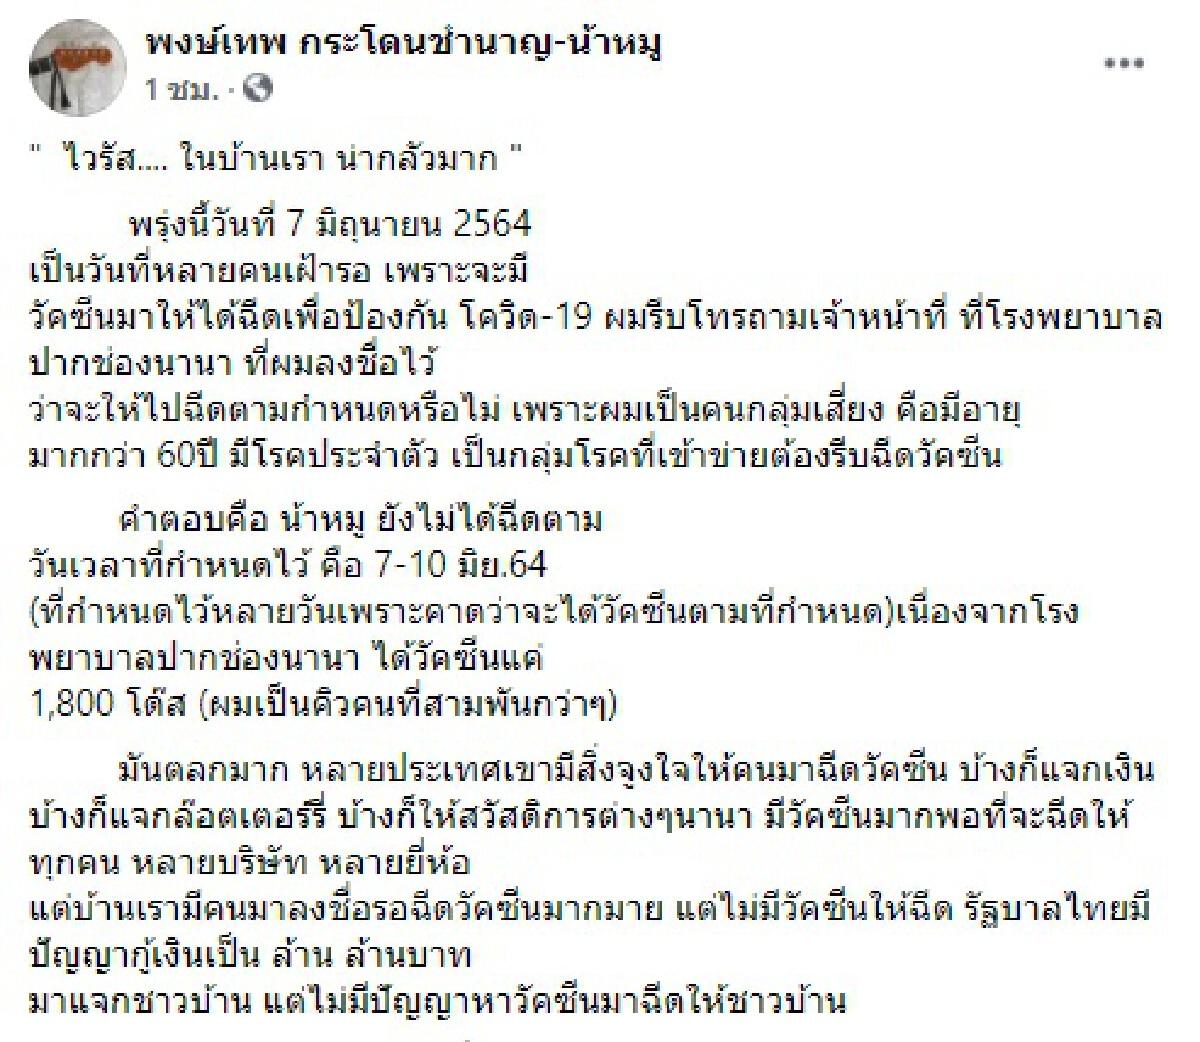 น้าหมู พงษ์เทพ ฟาดรัฐบาลกู้เงินแจกได้ แต่ไม่มีปัญญาหาวัคซีนให้คนไทย